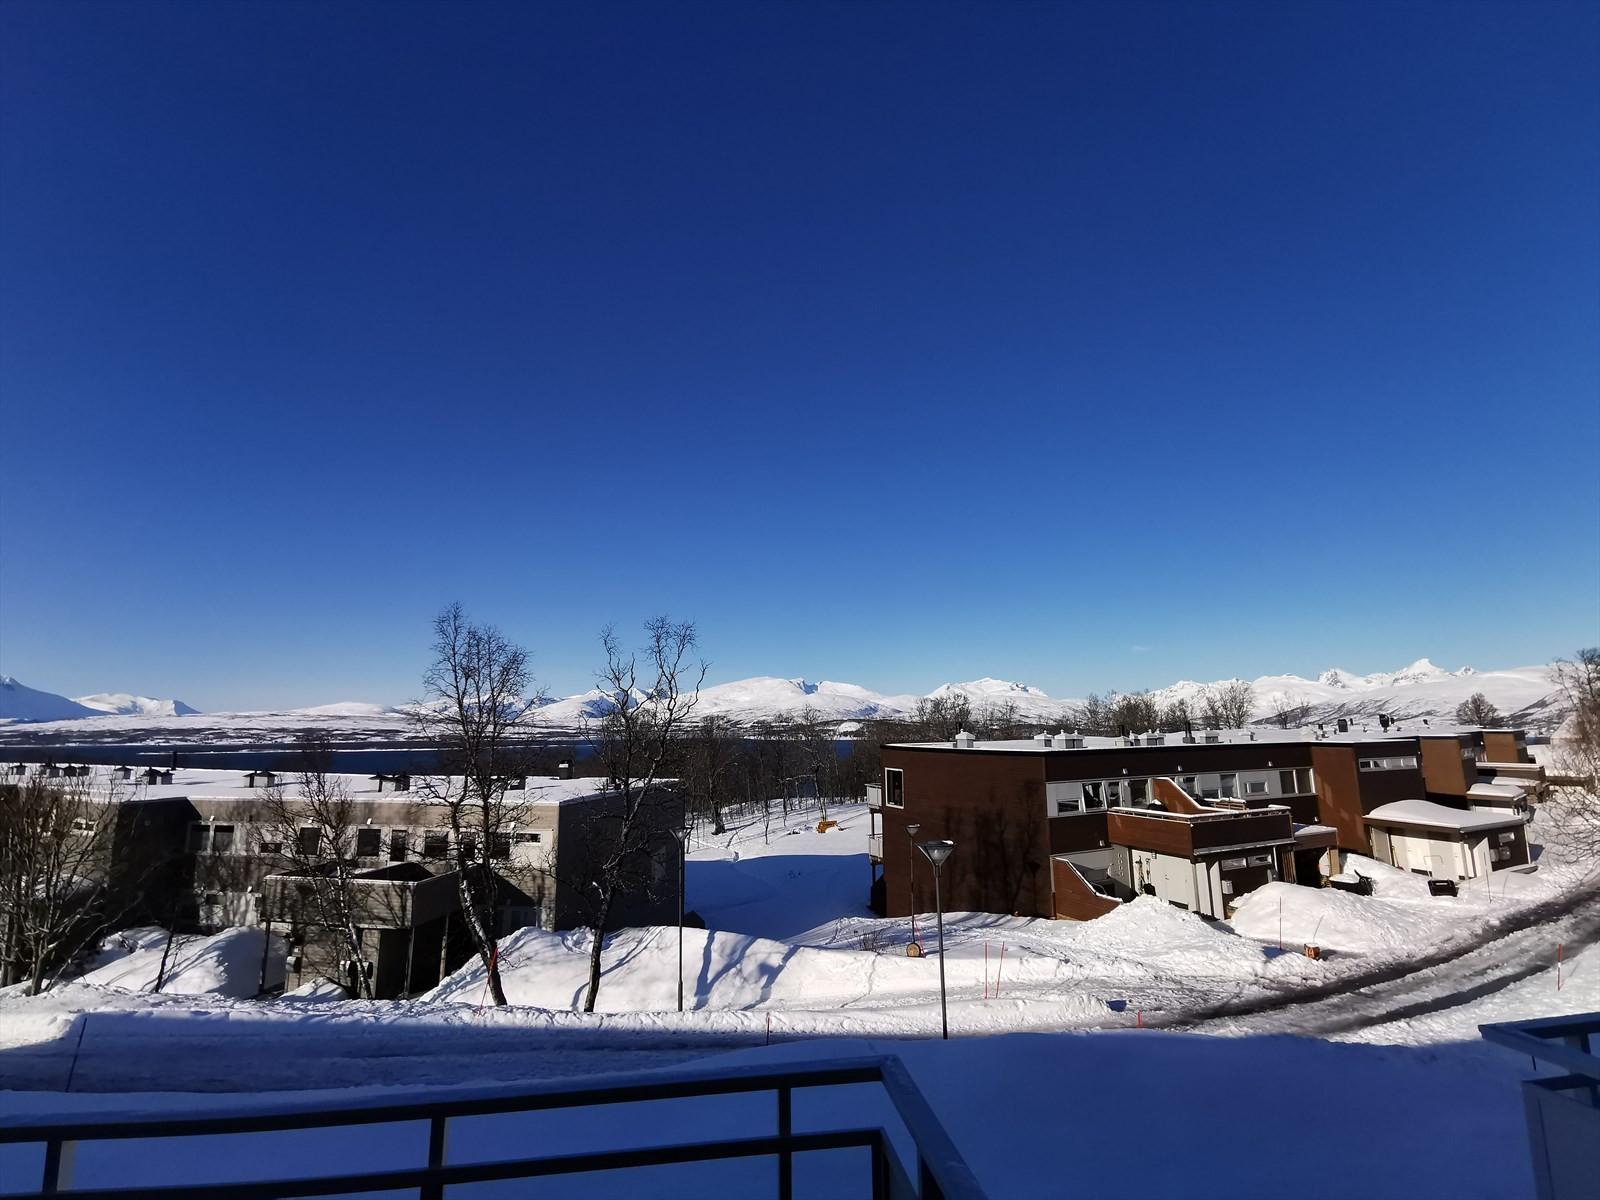 Utsikt fra veranda - selgers bilder